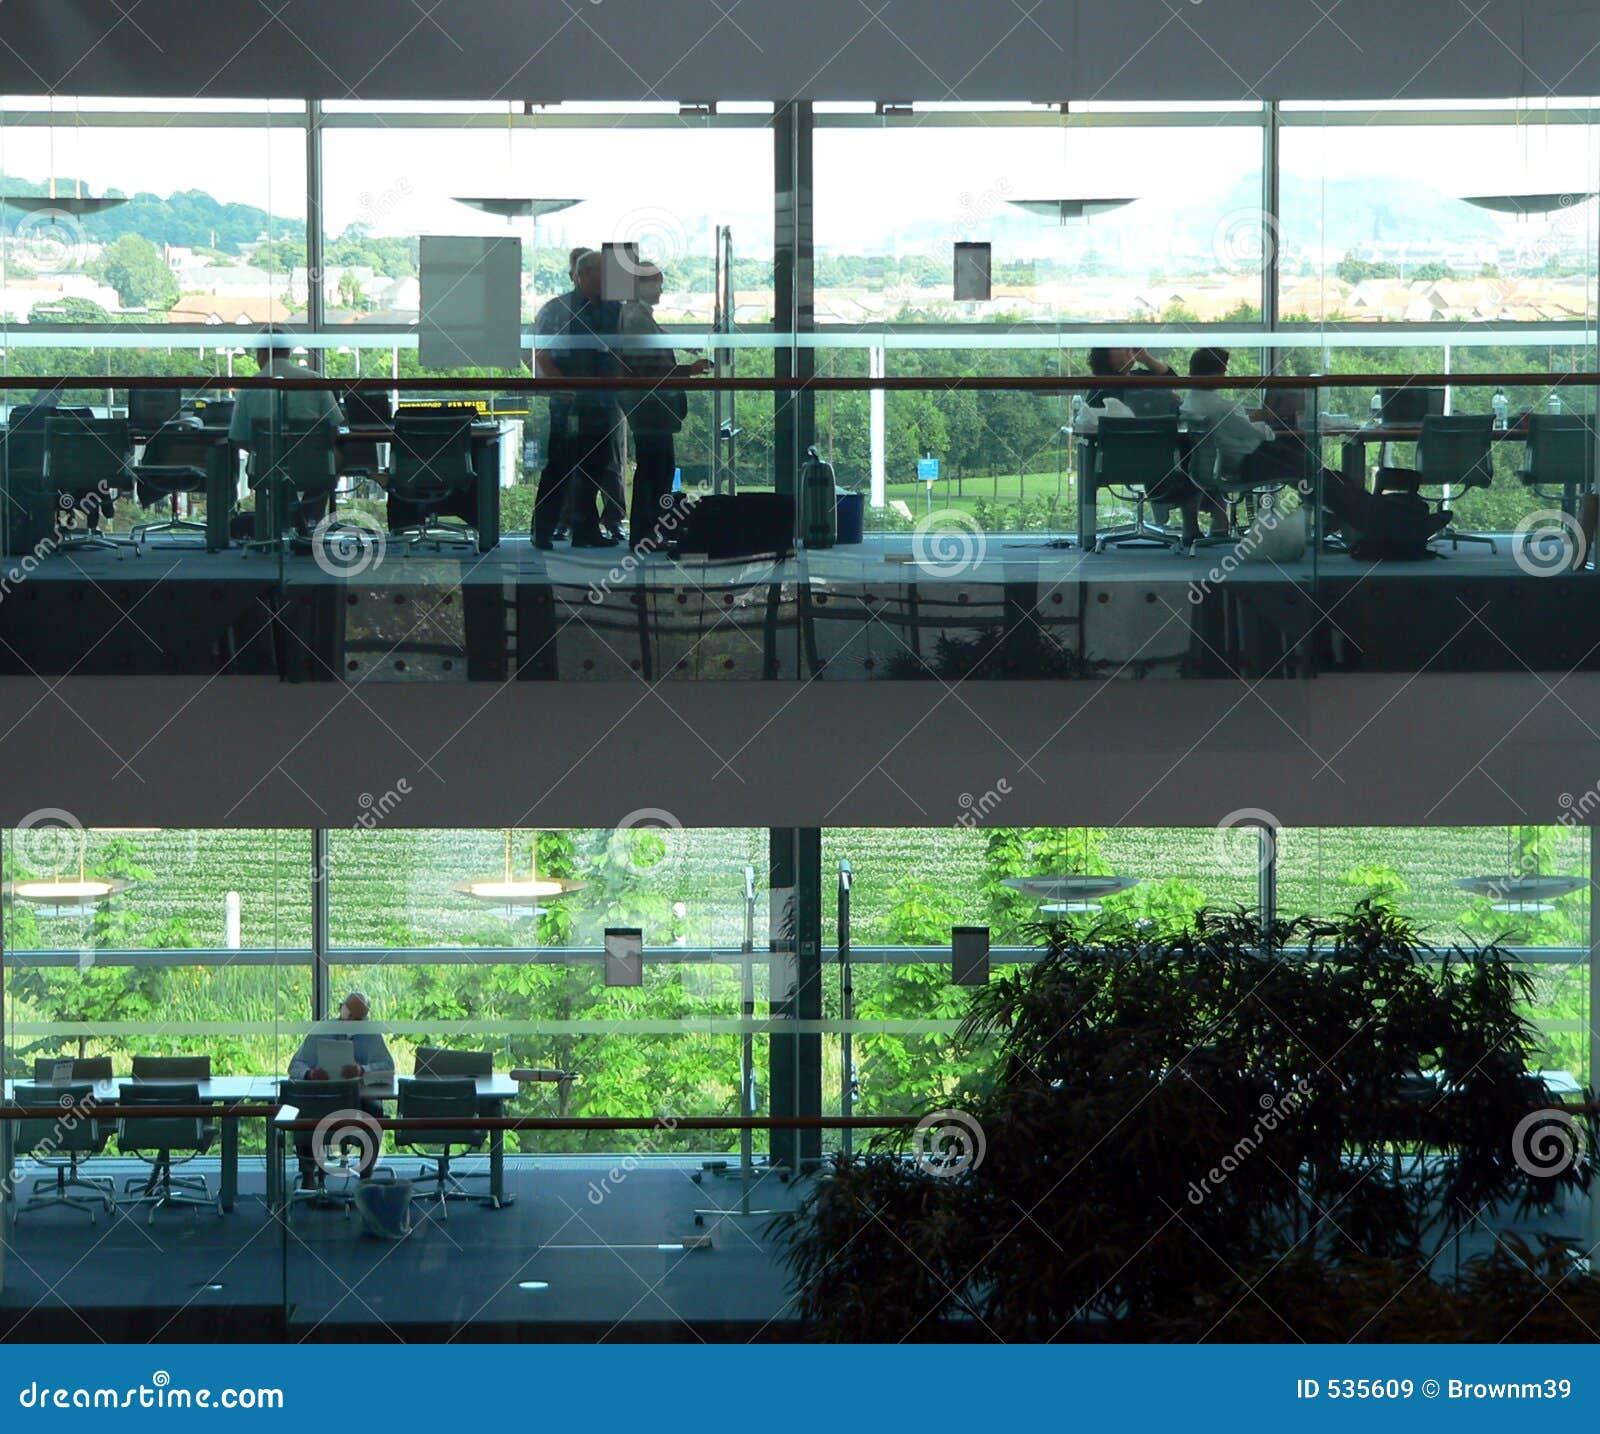 Download 办公室工作区 库存图片. 图片 包括有 音乐学院, 细分, 执行委员, 大厅, 玻璃, 会议, 未来派, 多维数据集 - 535609